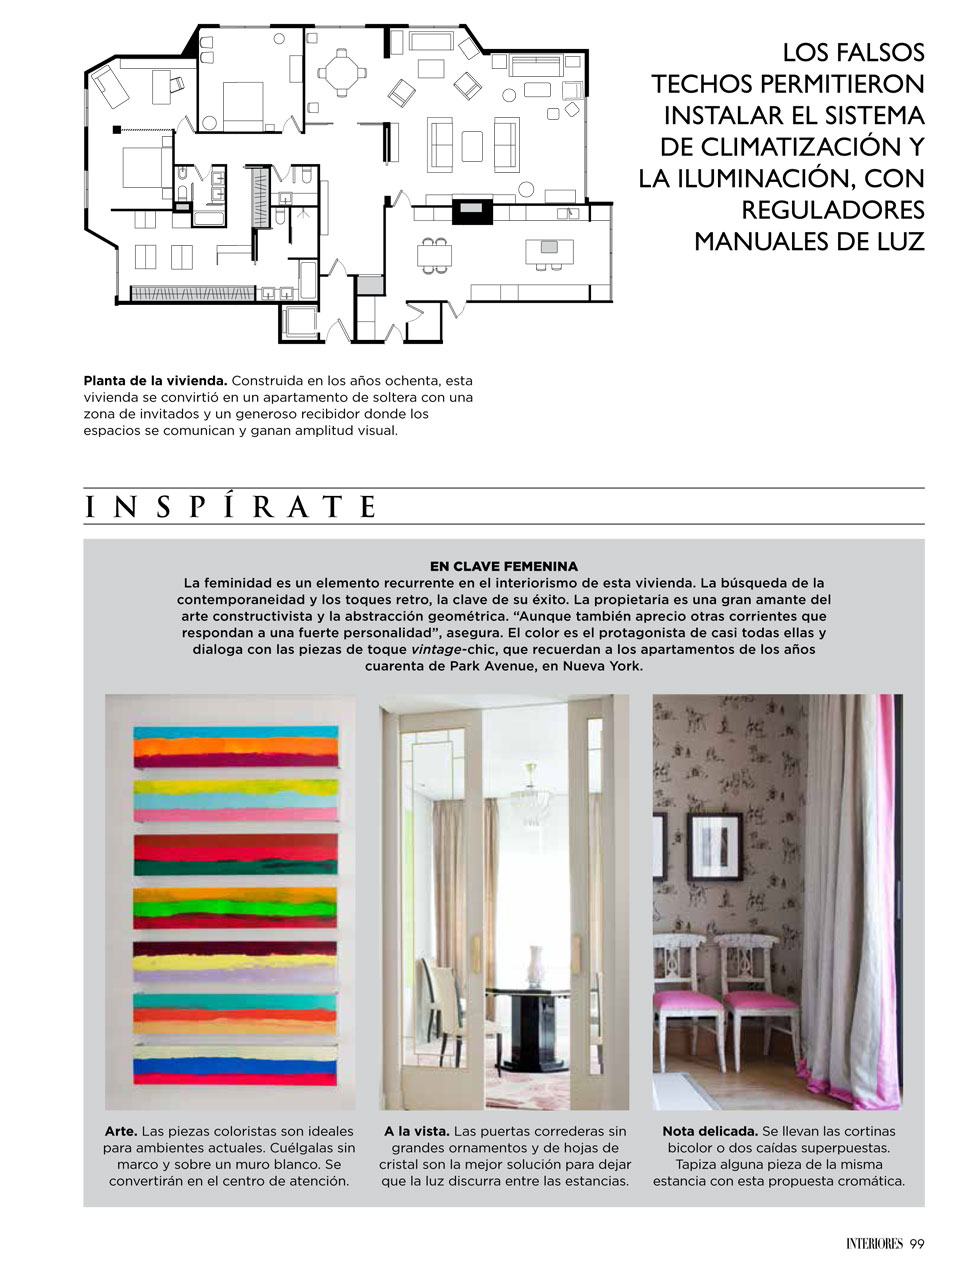 interiorespag10